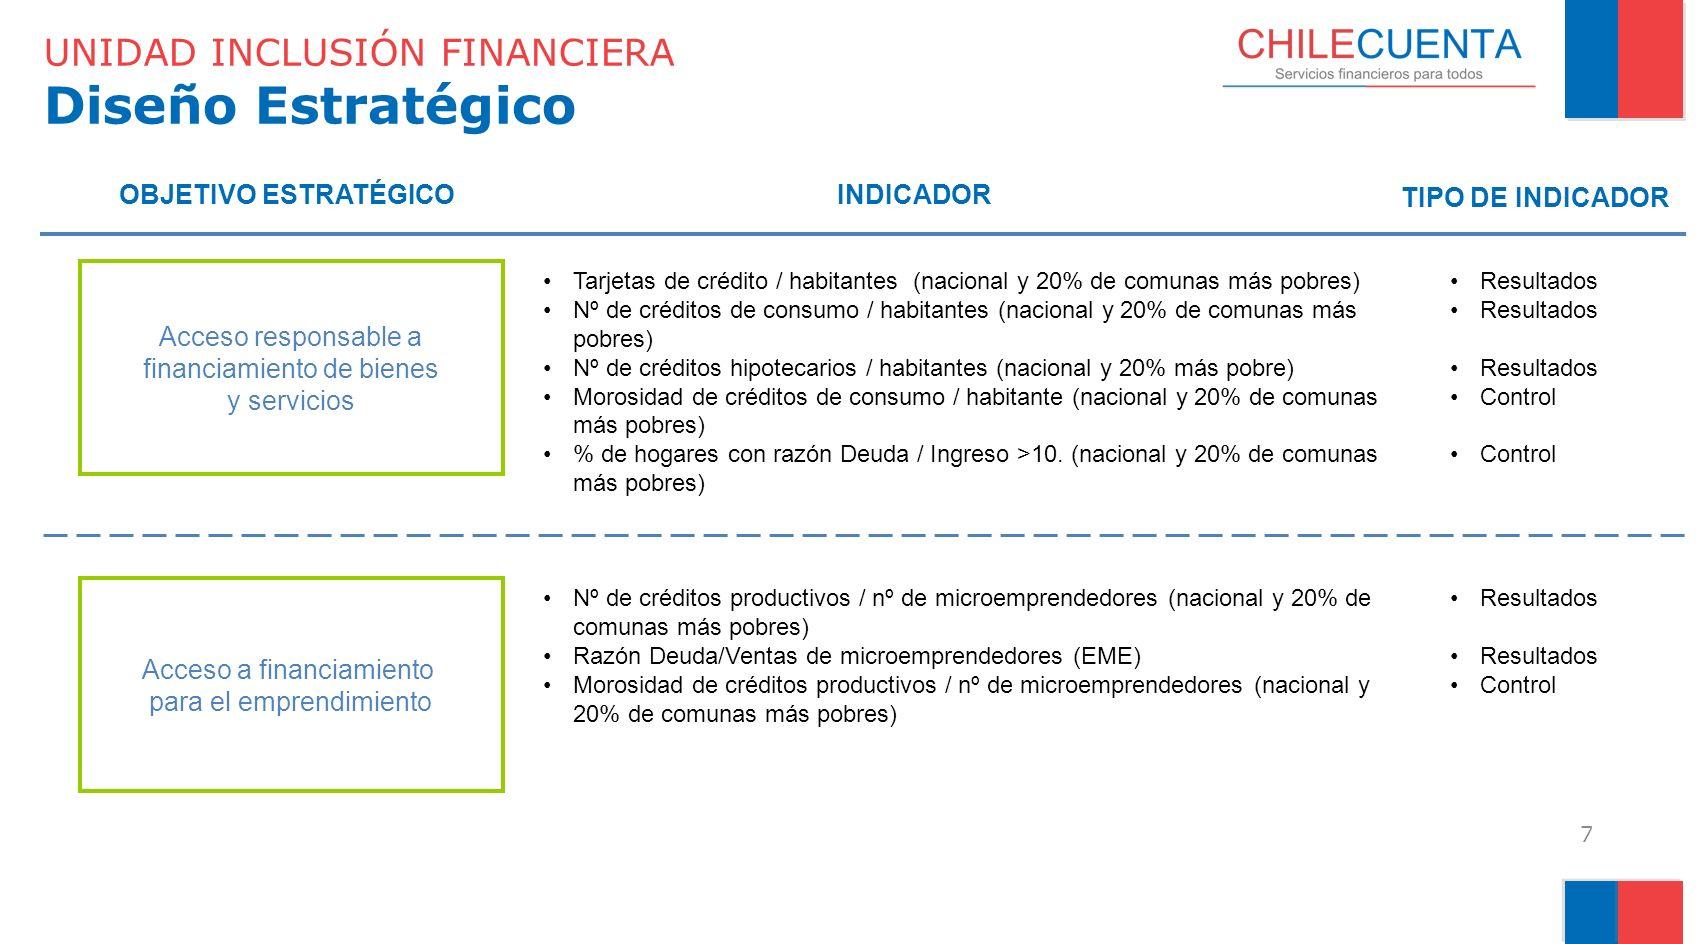 ECOSISTEMA PARA LA INCLUSIÓN FINANCIERA 8 Gobierno de Chile | Ministerio de Planificación | FOSIS CUENTAS DE BANCARIZACIÓN -Proveen capilaridad al sistema -Permiten operar a gran escala, con estructura liviana CORRESPONSALES NO BANCARIOS G2P ELECTRÓNICOS -Vehículo de bancarización -Primer vínculo con el sistema financiero formal -Impulso a la demanda por cuentas de bancarización -Catalizador del proceso de Inclusión Financiera A.